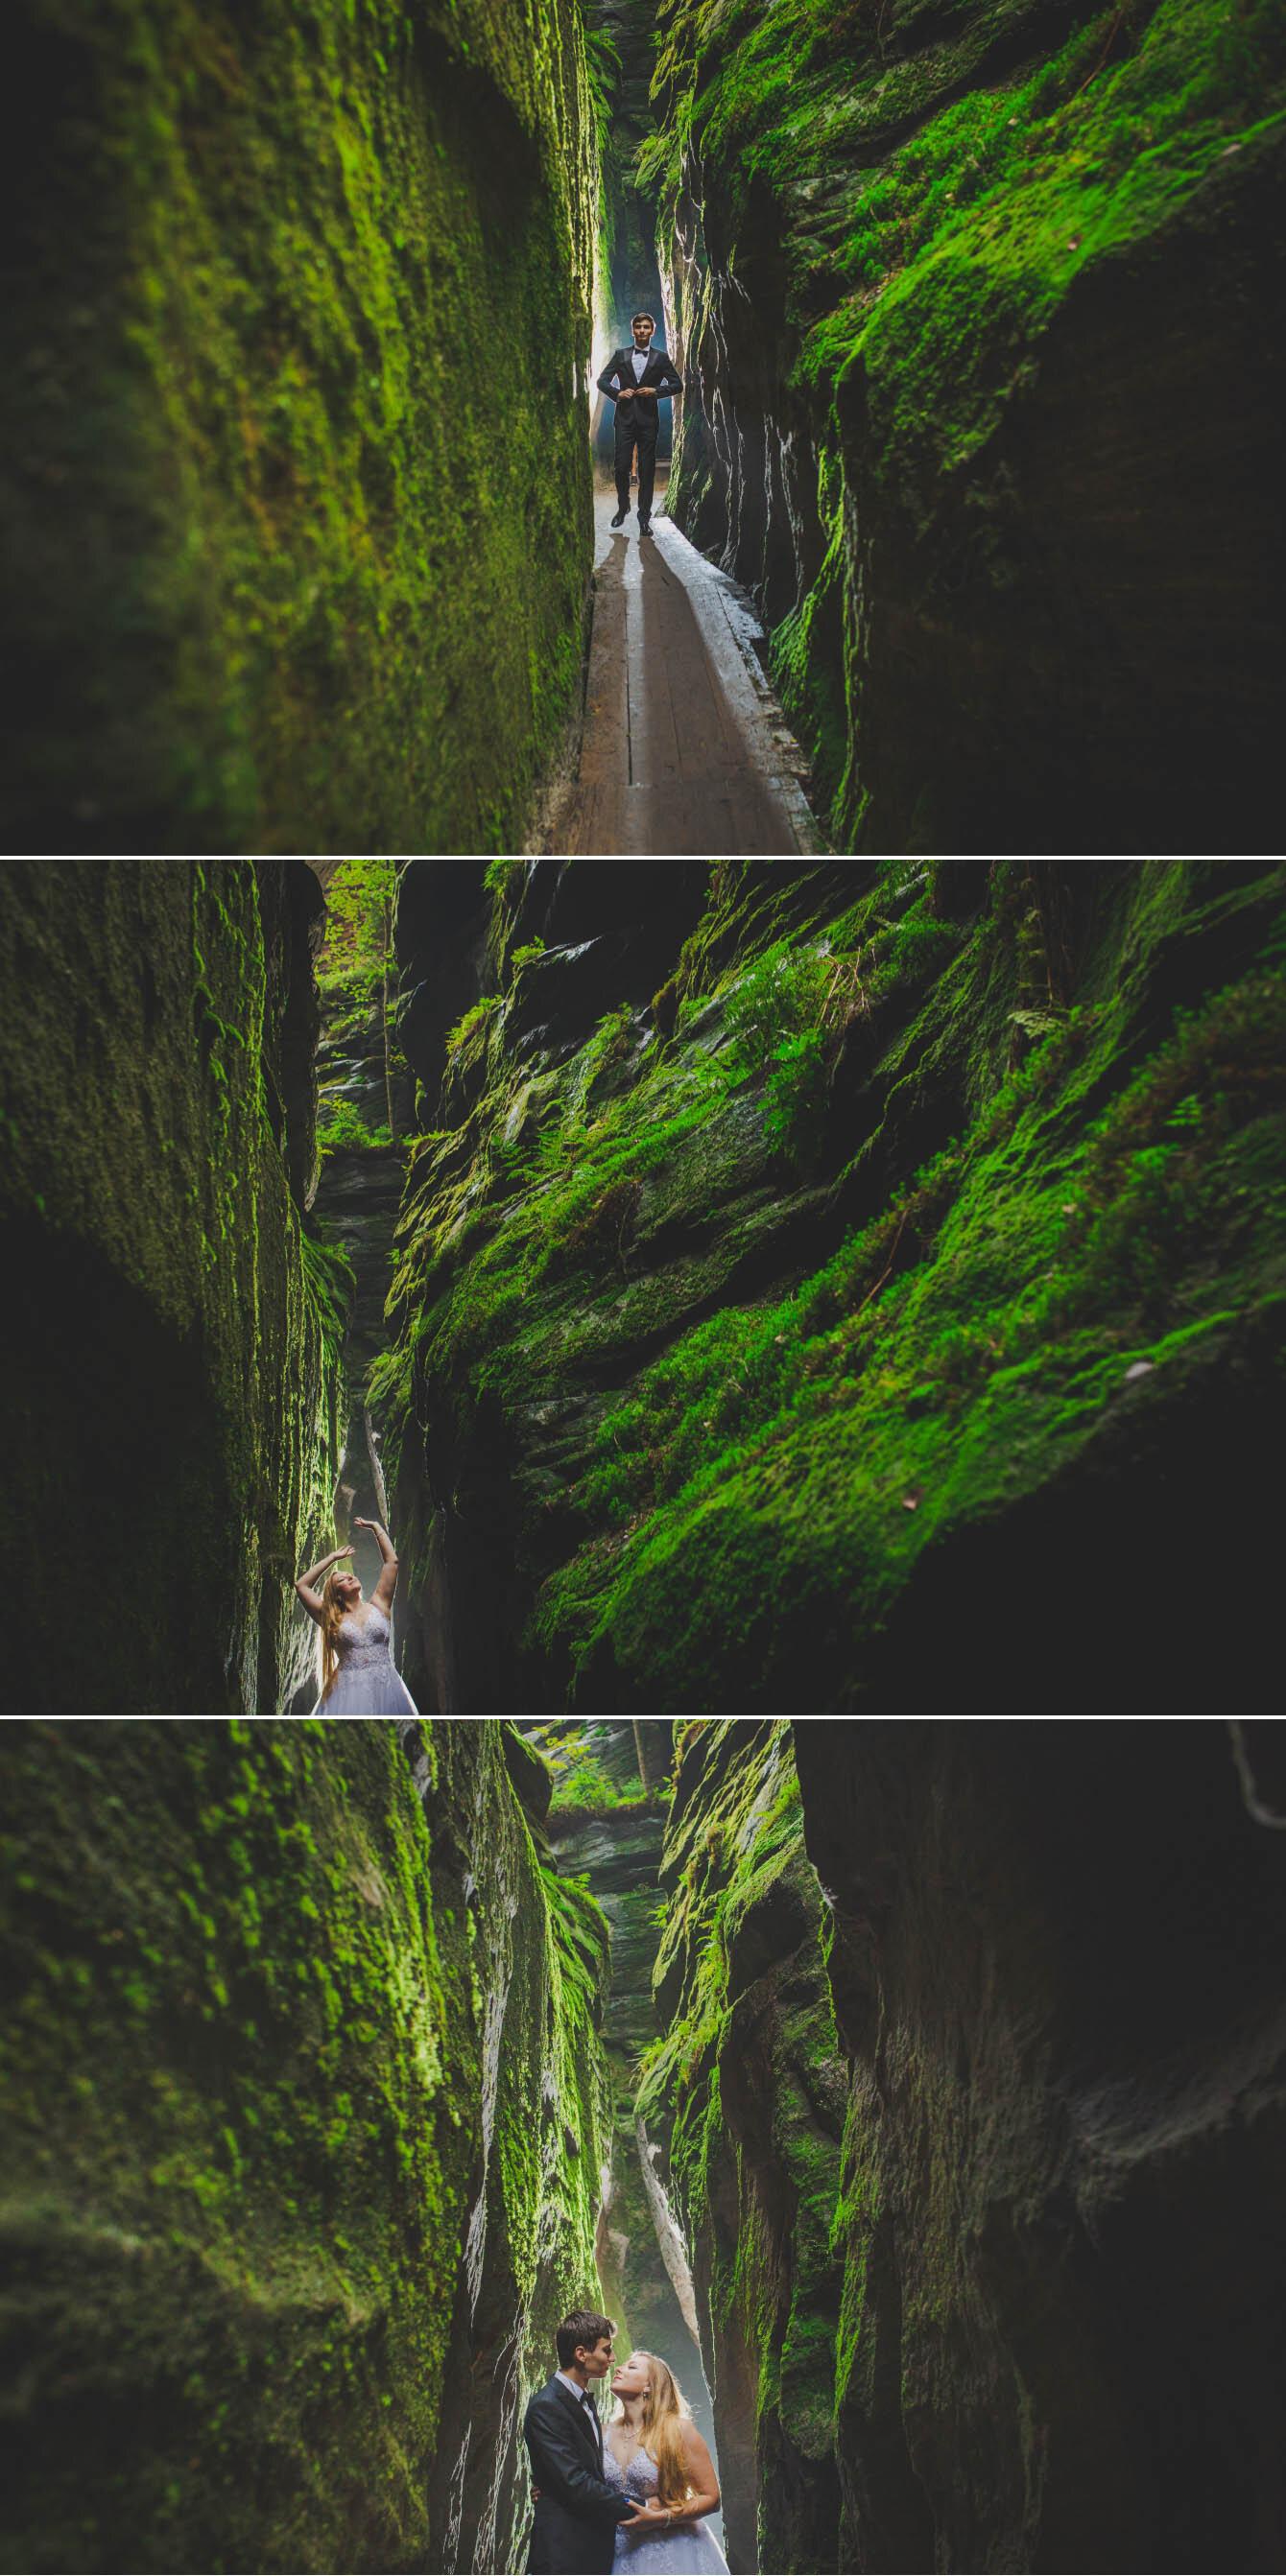 plener ślubny w skalnym miescie w czechach fotografie Bartek Wyrobek  7.jpg